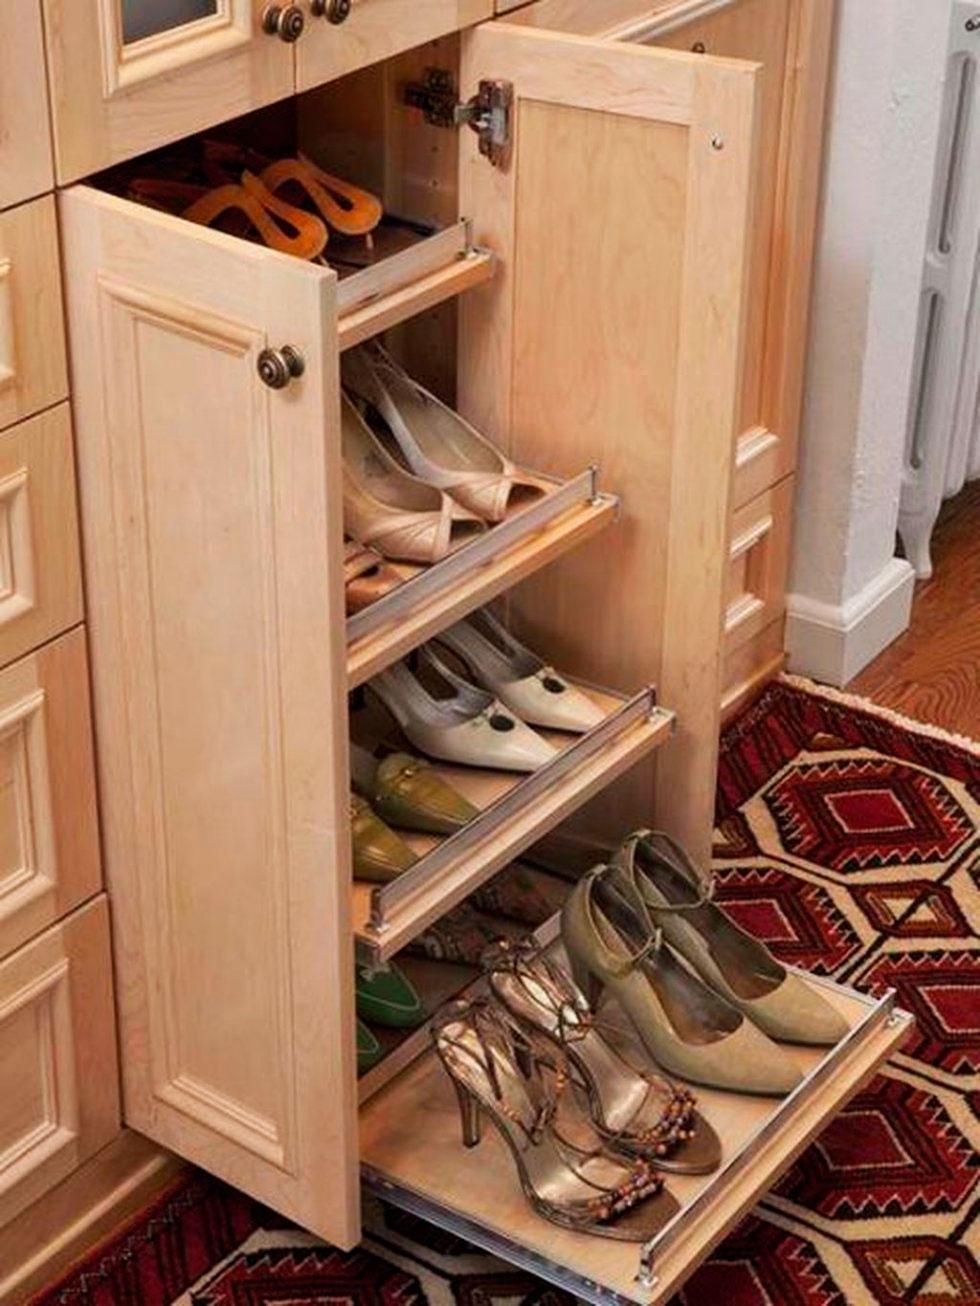 Обувница в прихожую (54 фото): удобно и компактно - happymod.